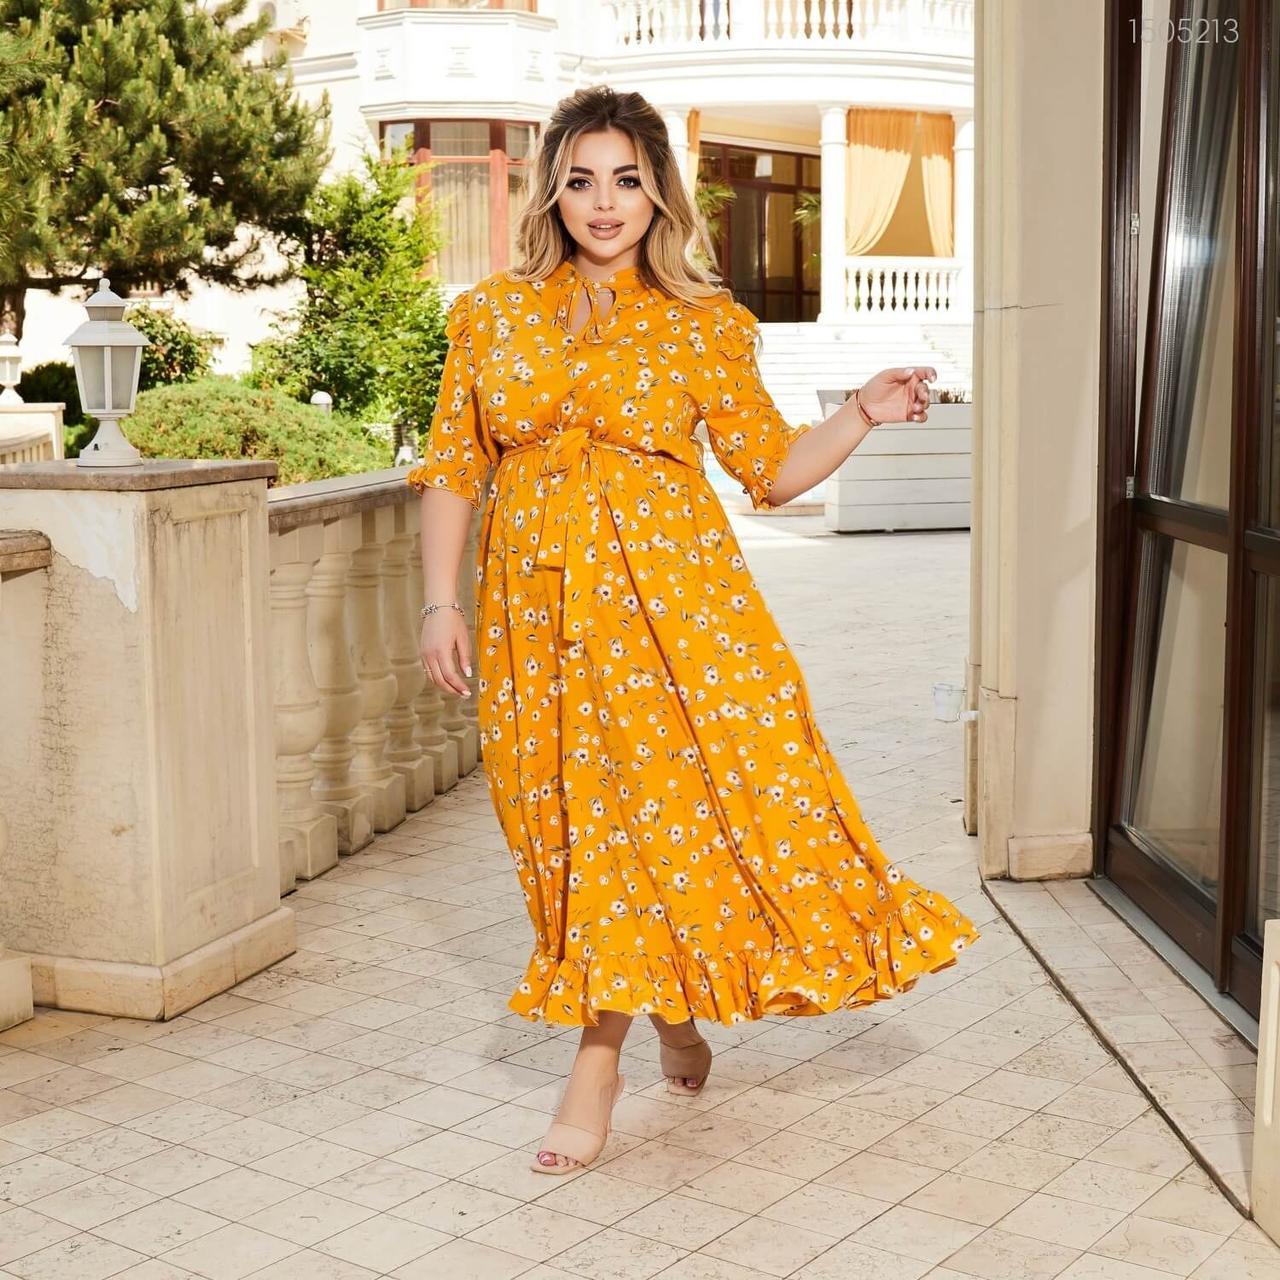 Желтое нарядное платье Бечичи (жёлтый)